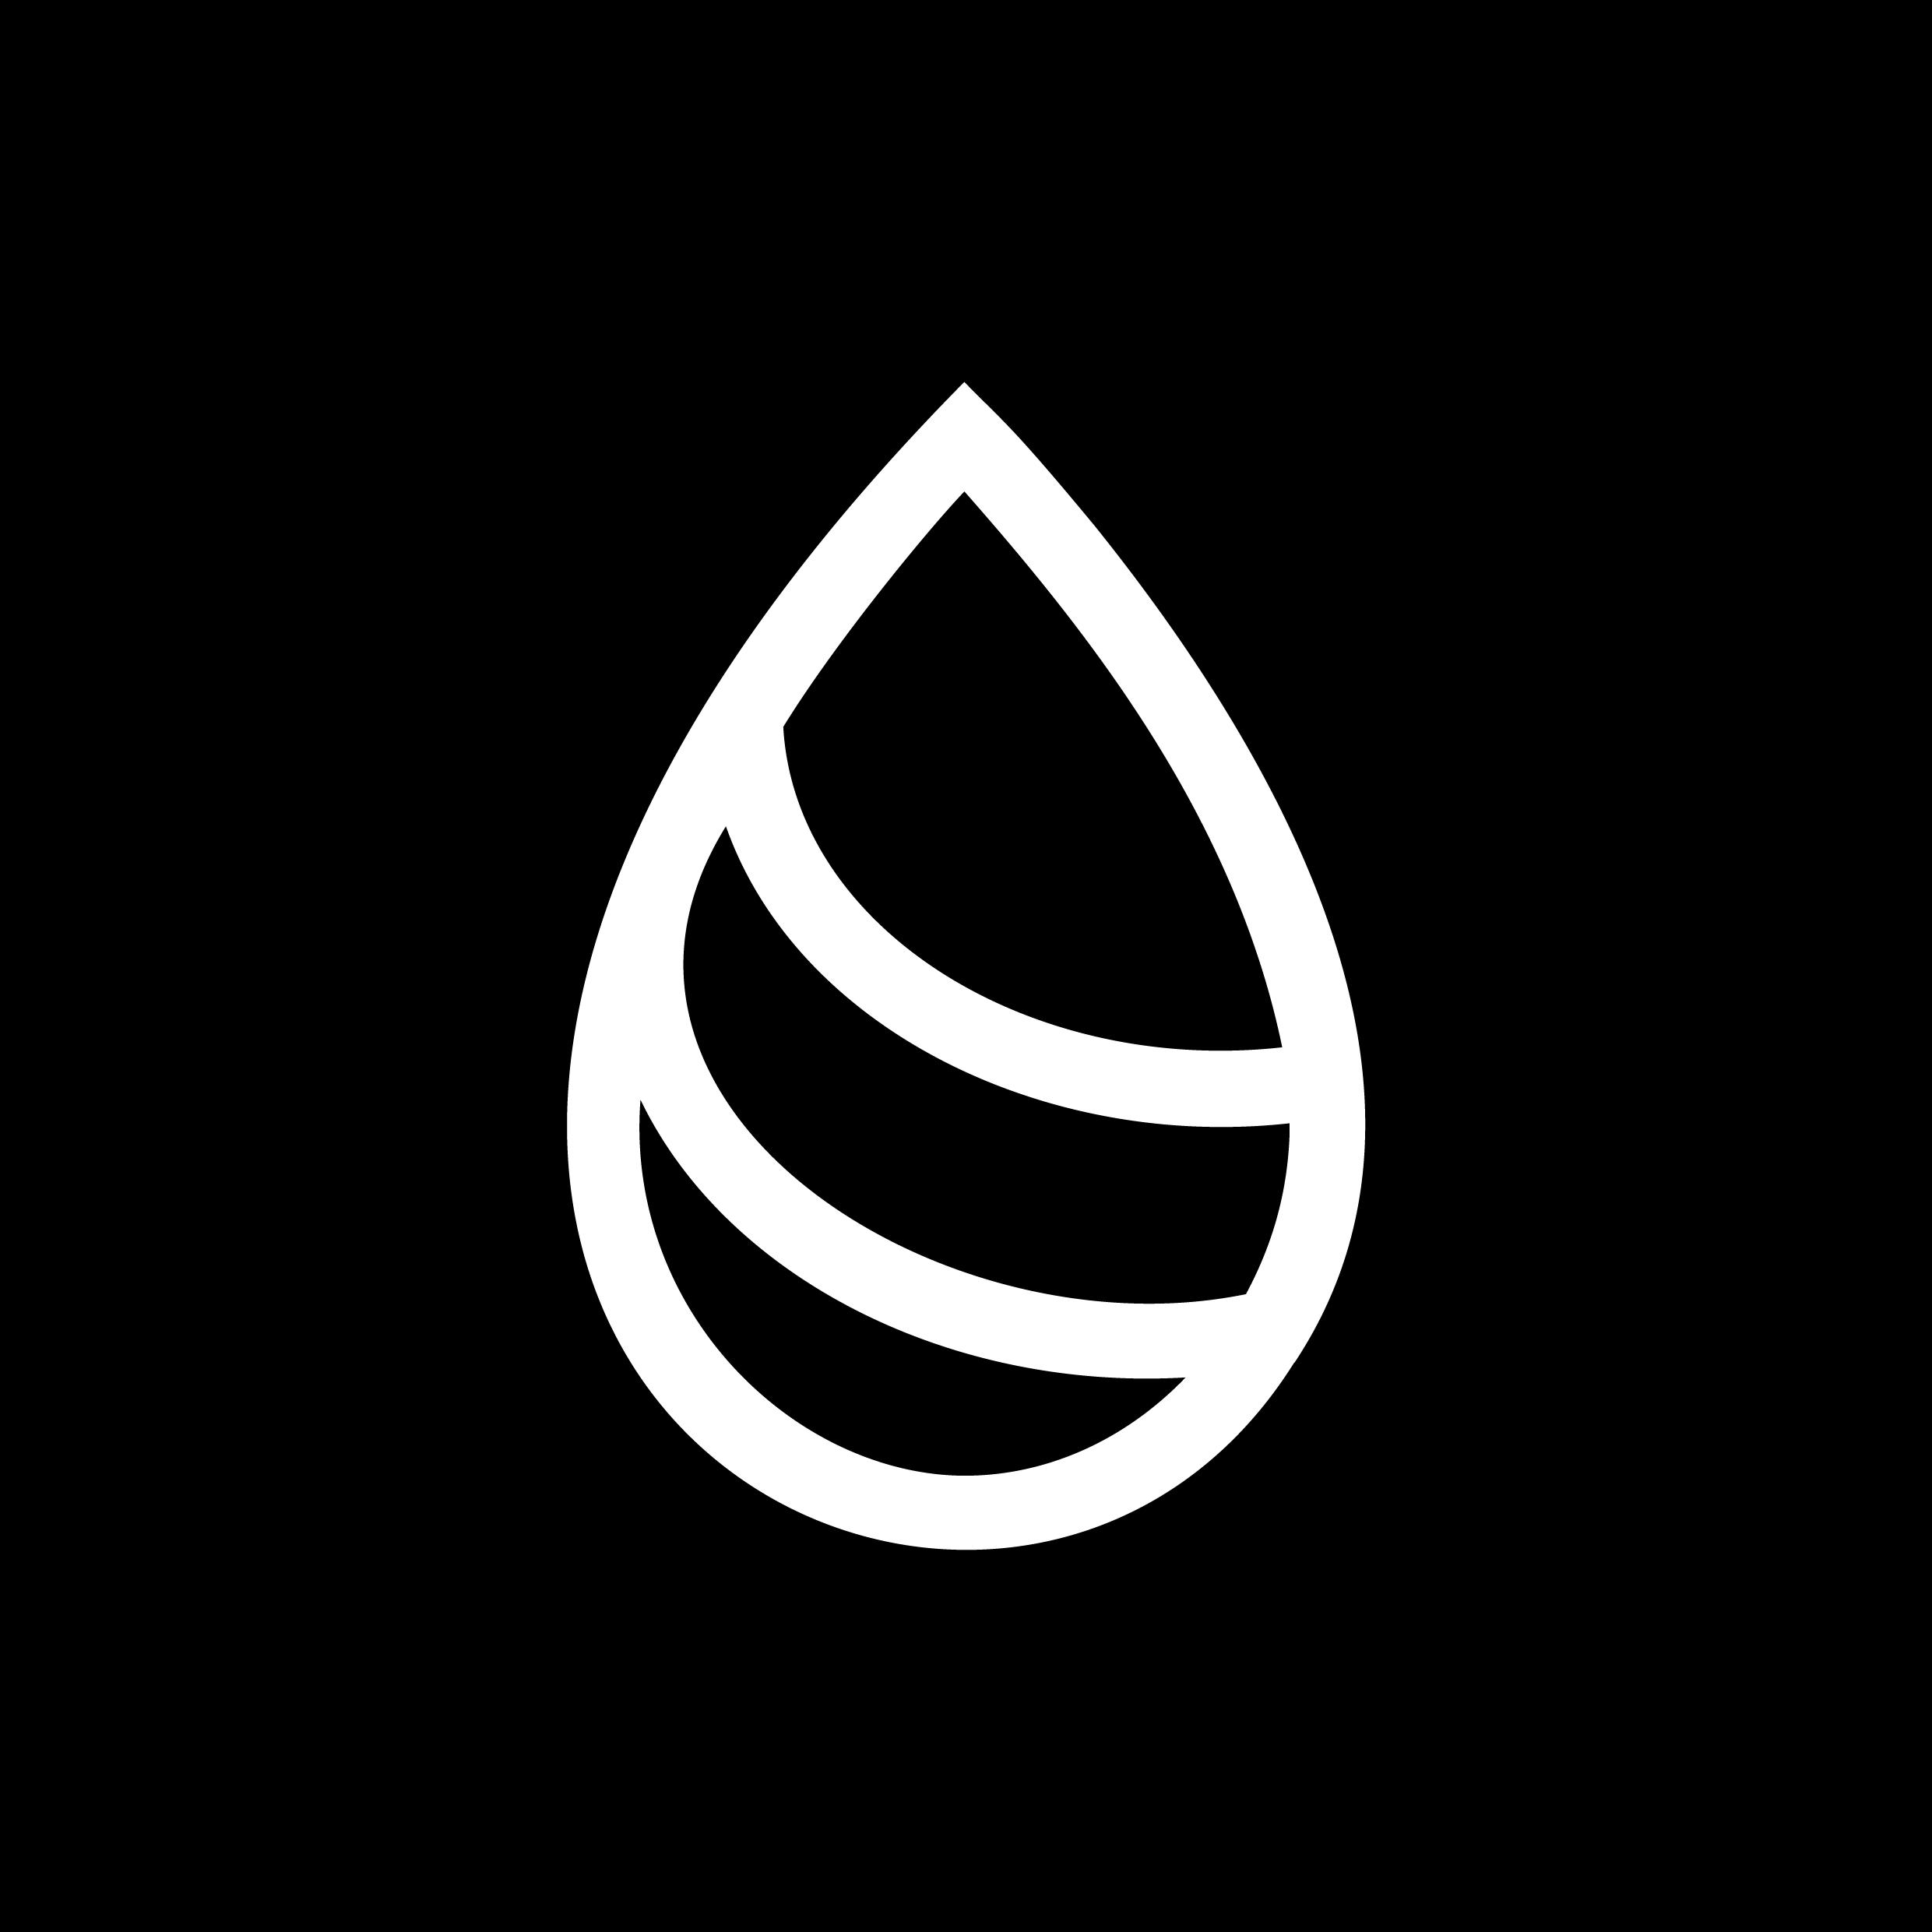 Tycon plumbing white logo